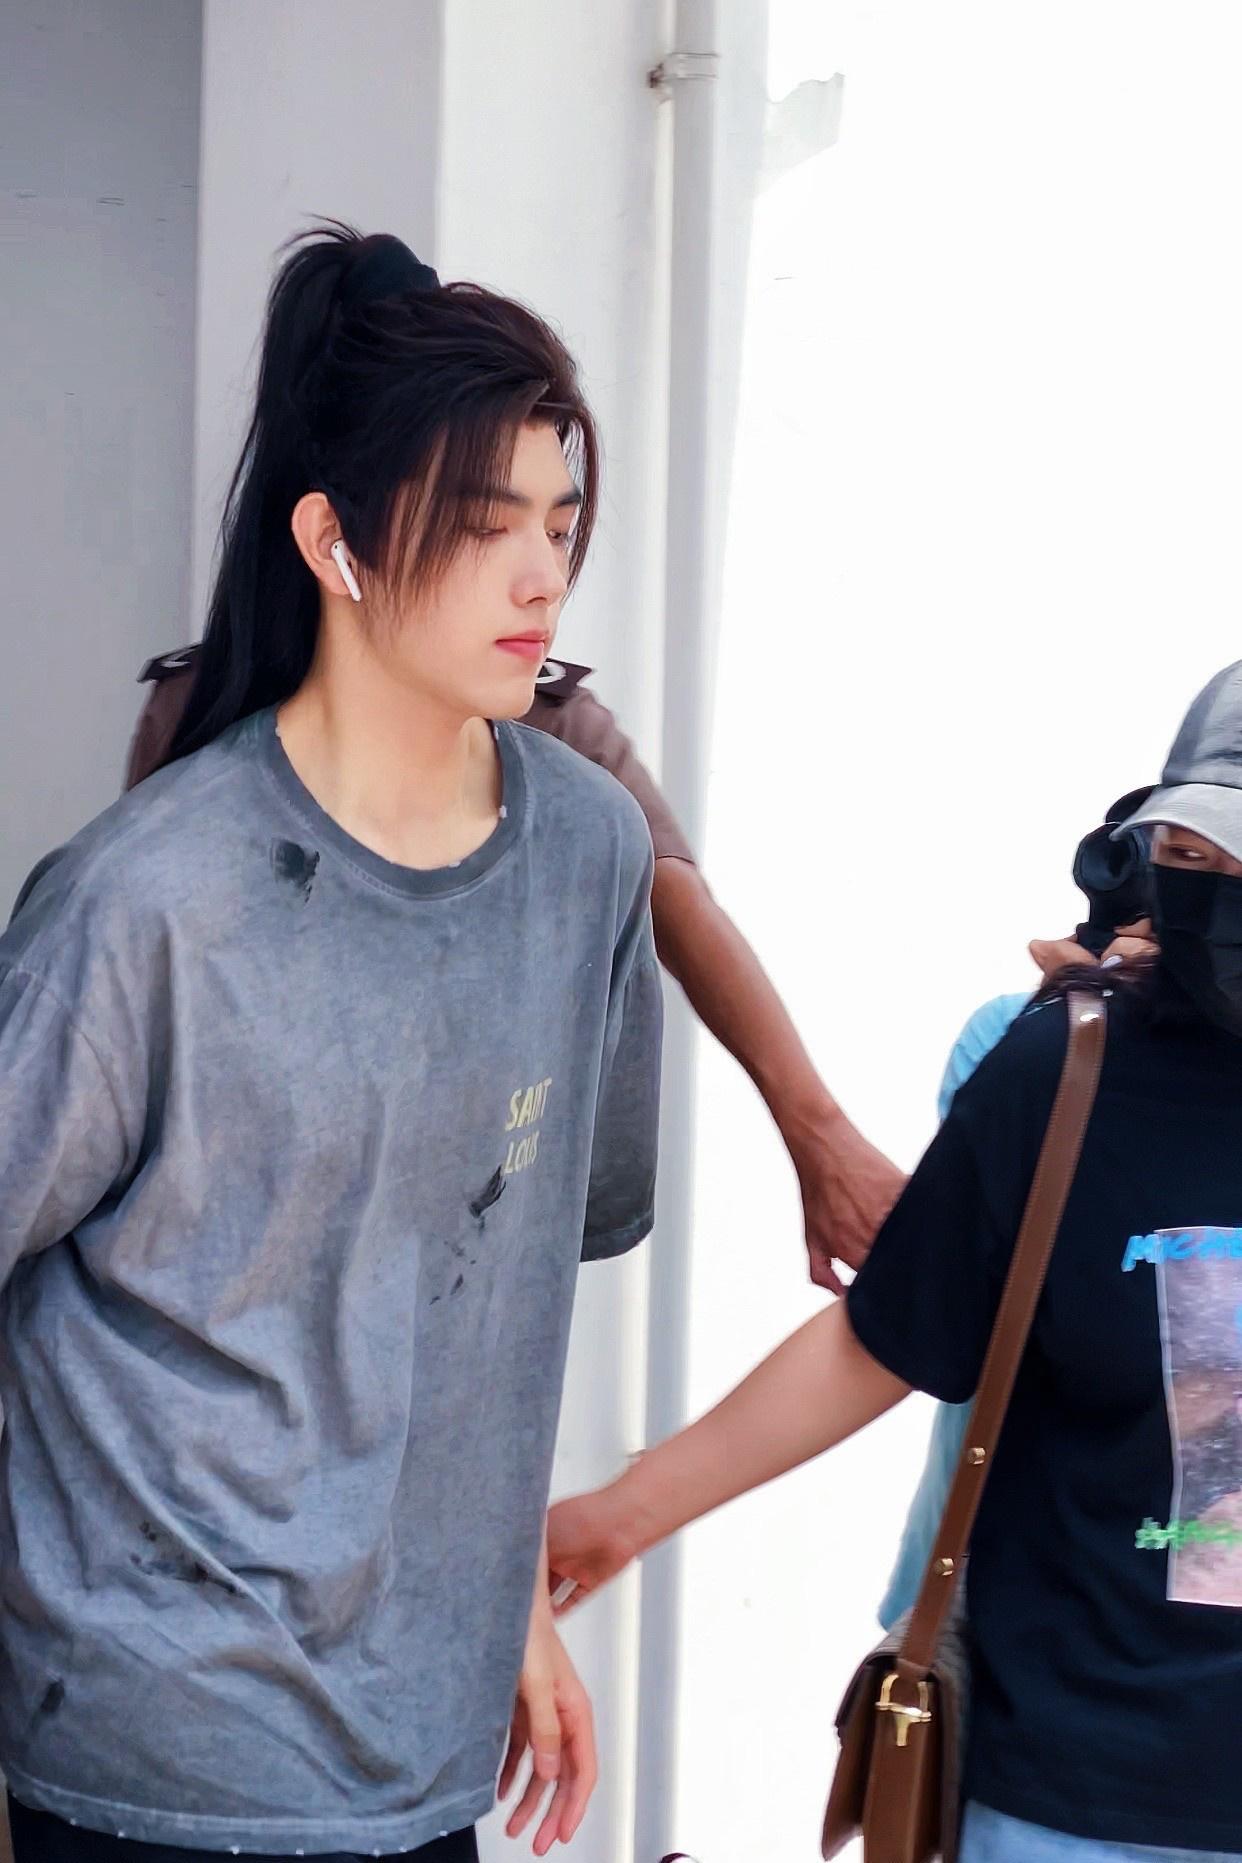 欧博app:陈飞宇《皓衣行》上班路透 古装发型配T恤有内味 第1张